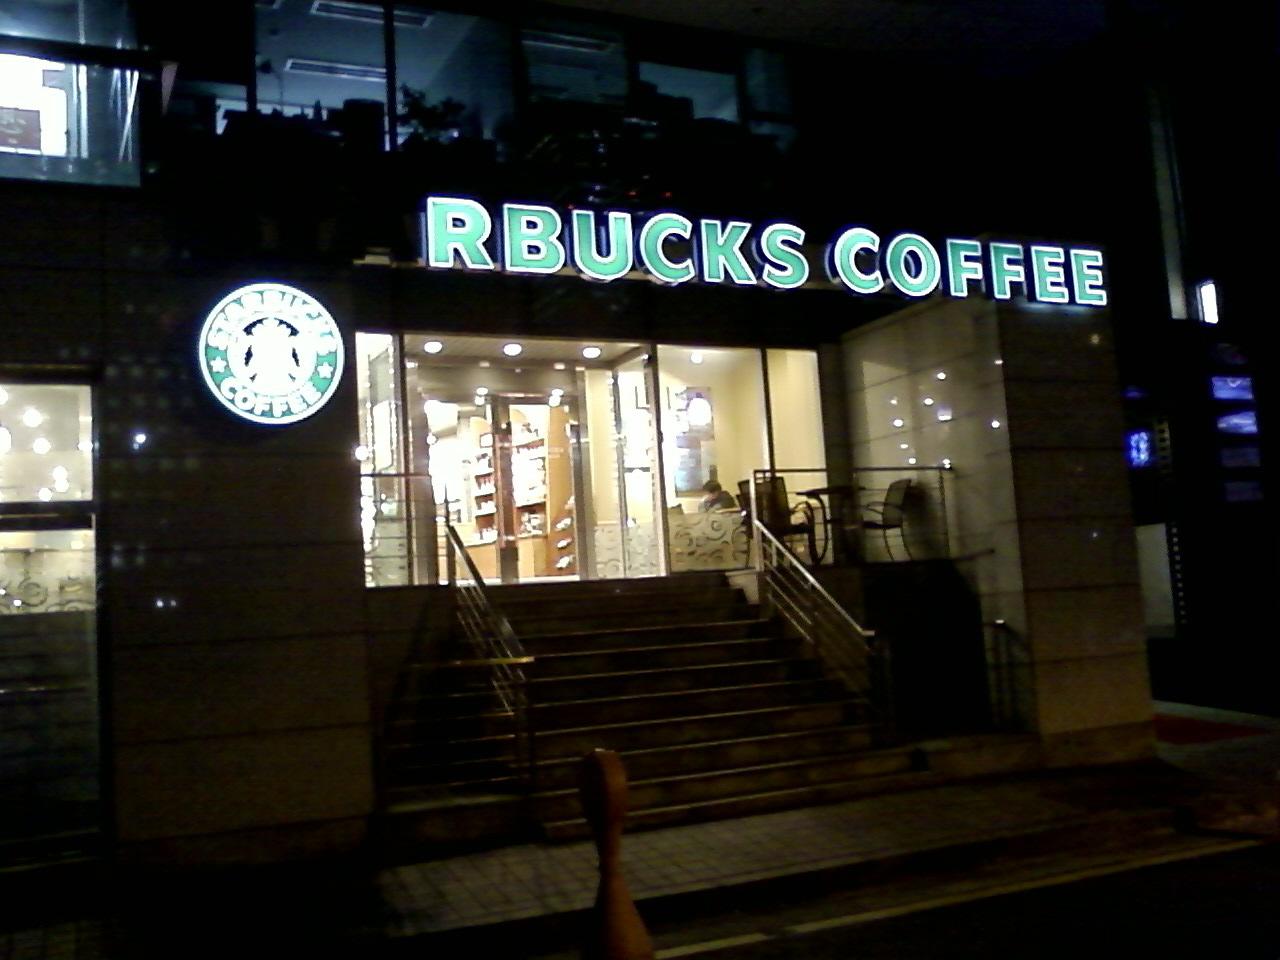 새로운 커피전문점의 탄생이다!